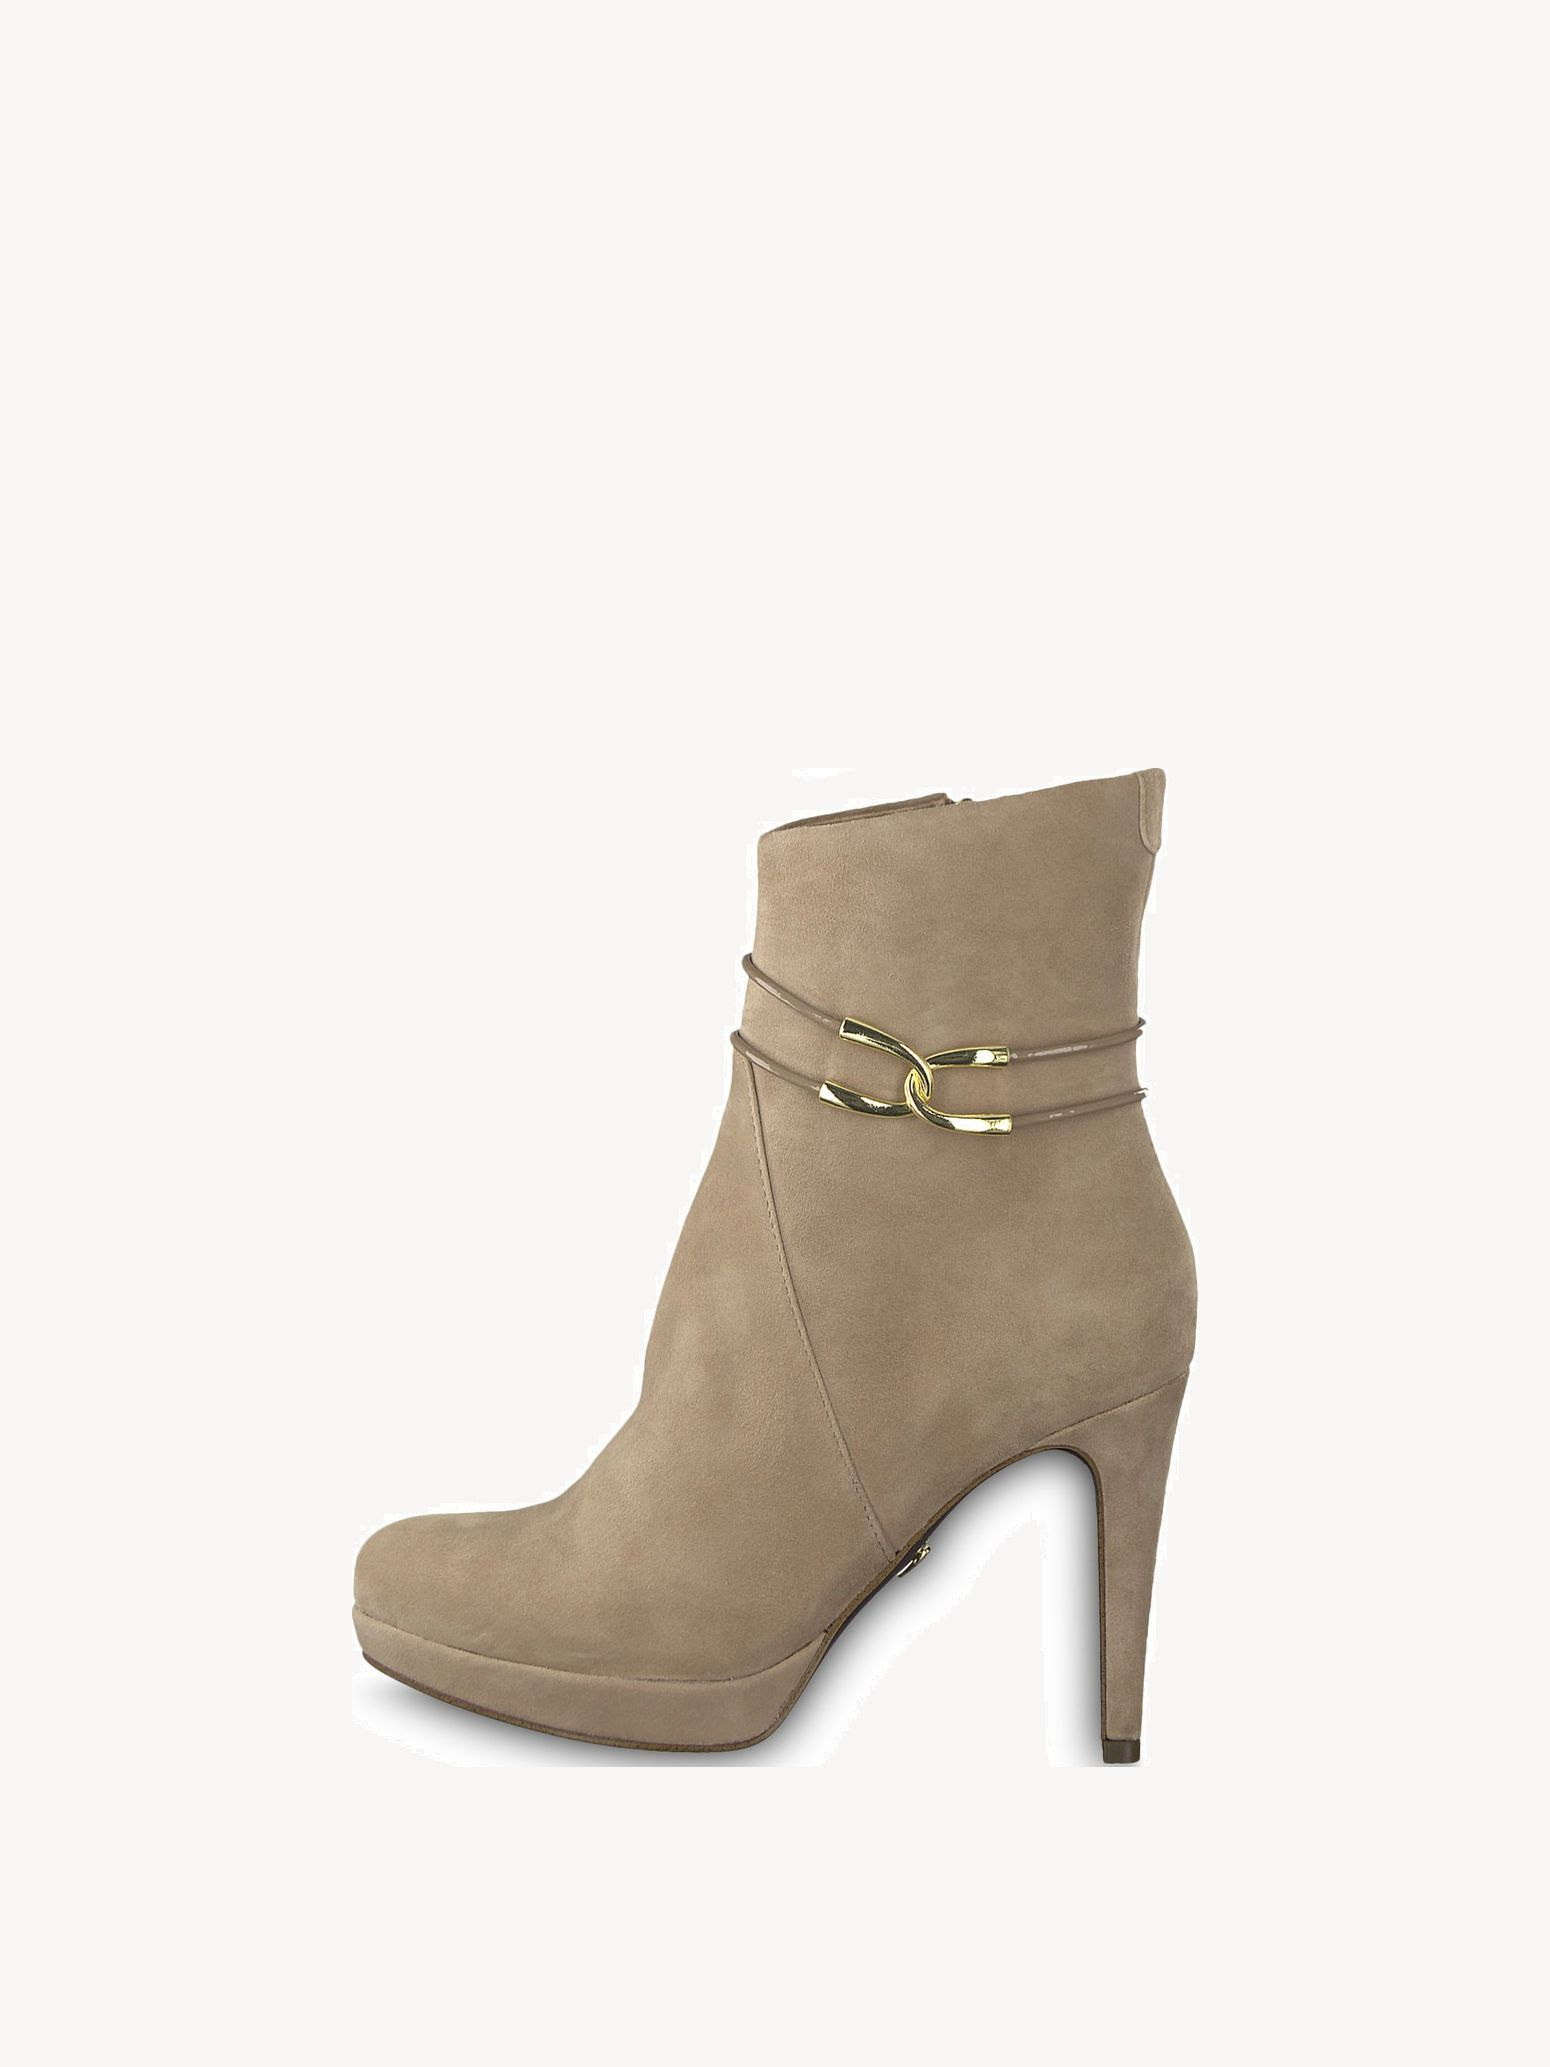 Tamaris Damenschuhe aus Textil günstig kaufen | eBay